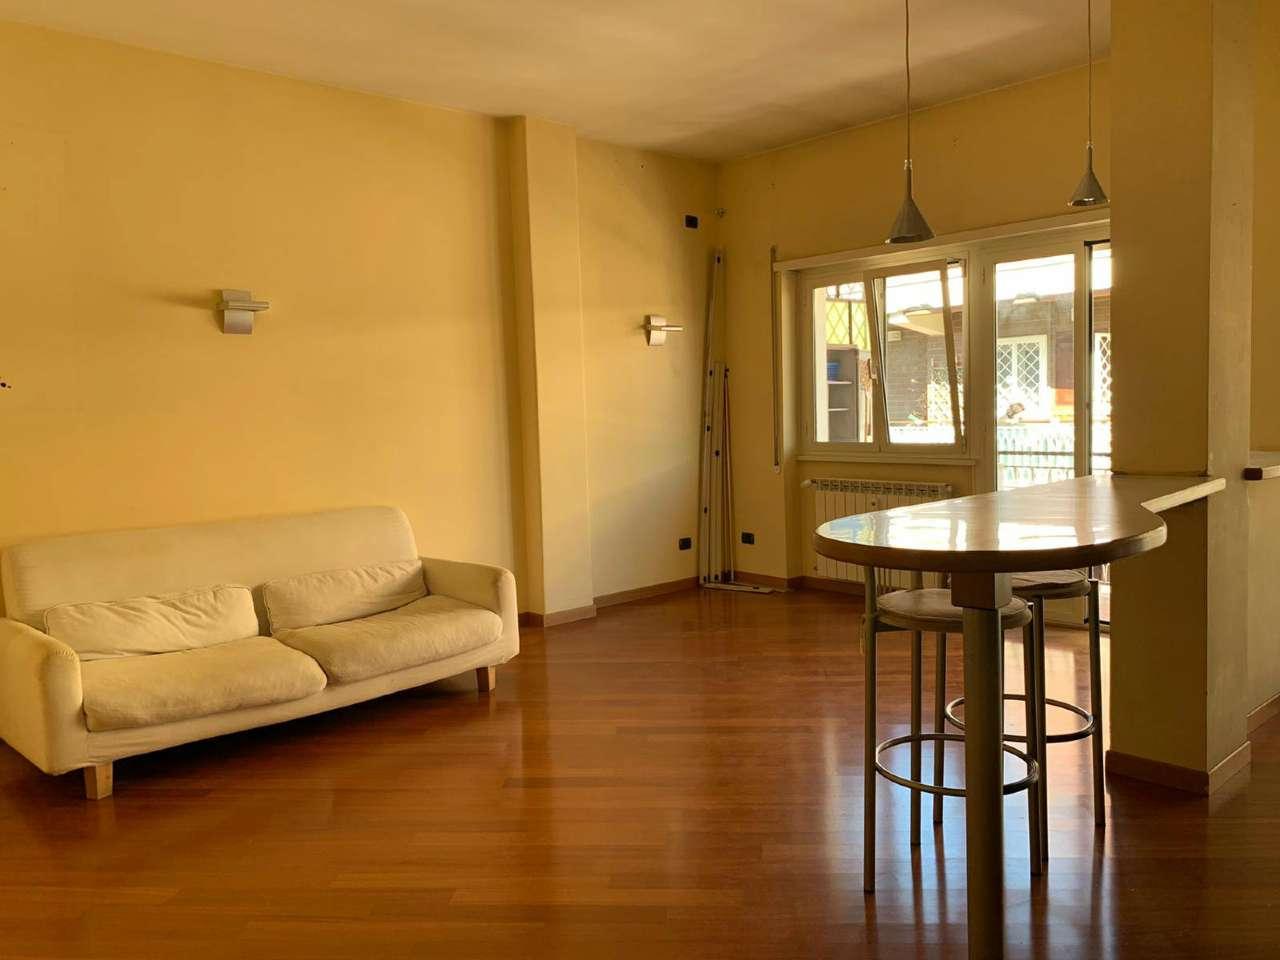 Appartamento in vendita a Guidonia Montecelio, 3 locali, prezzo € 185.000 | PortaleAgenzieImmobiliari.it